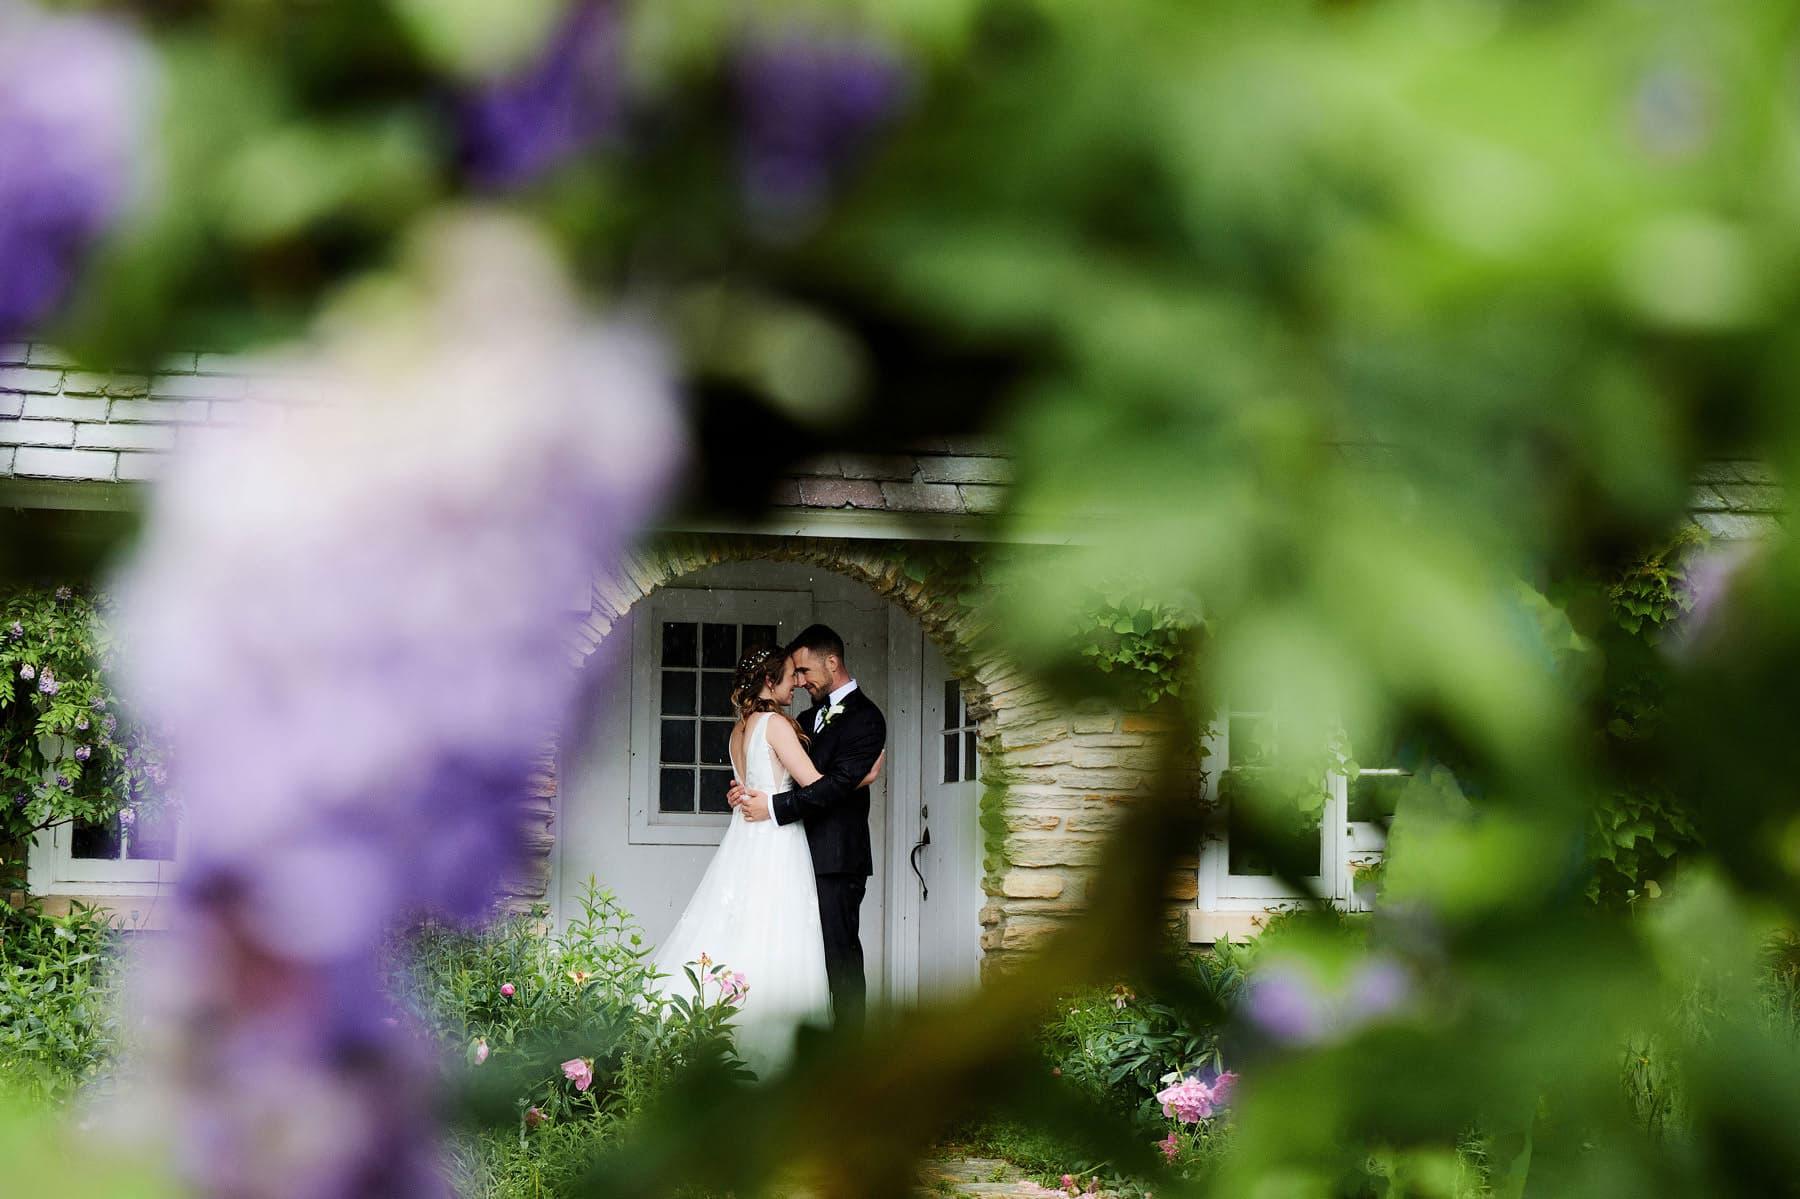 colonial park rose garden wedding photo